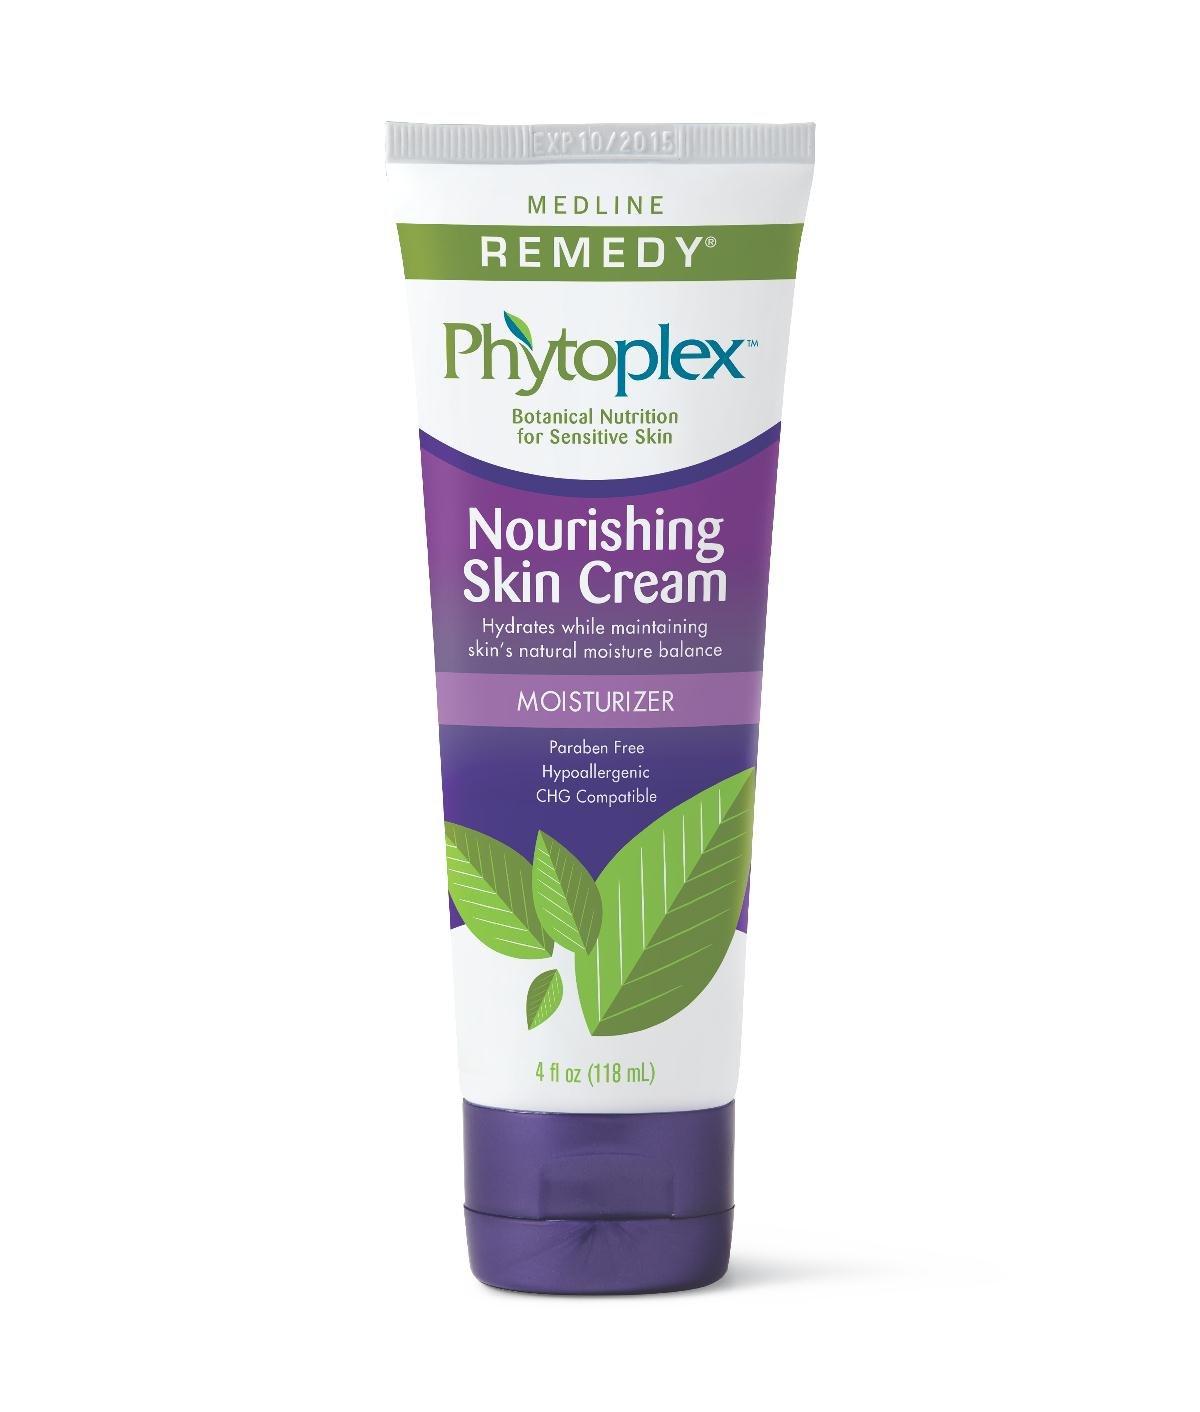 Medline MSC0924004 Remedy Phytoplex Nourishing Skin Cream, White (Case of 12)